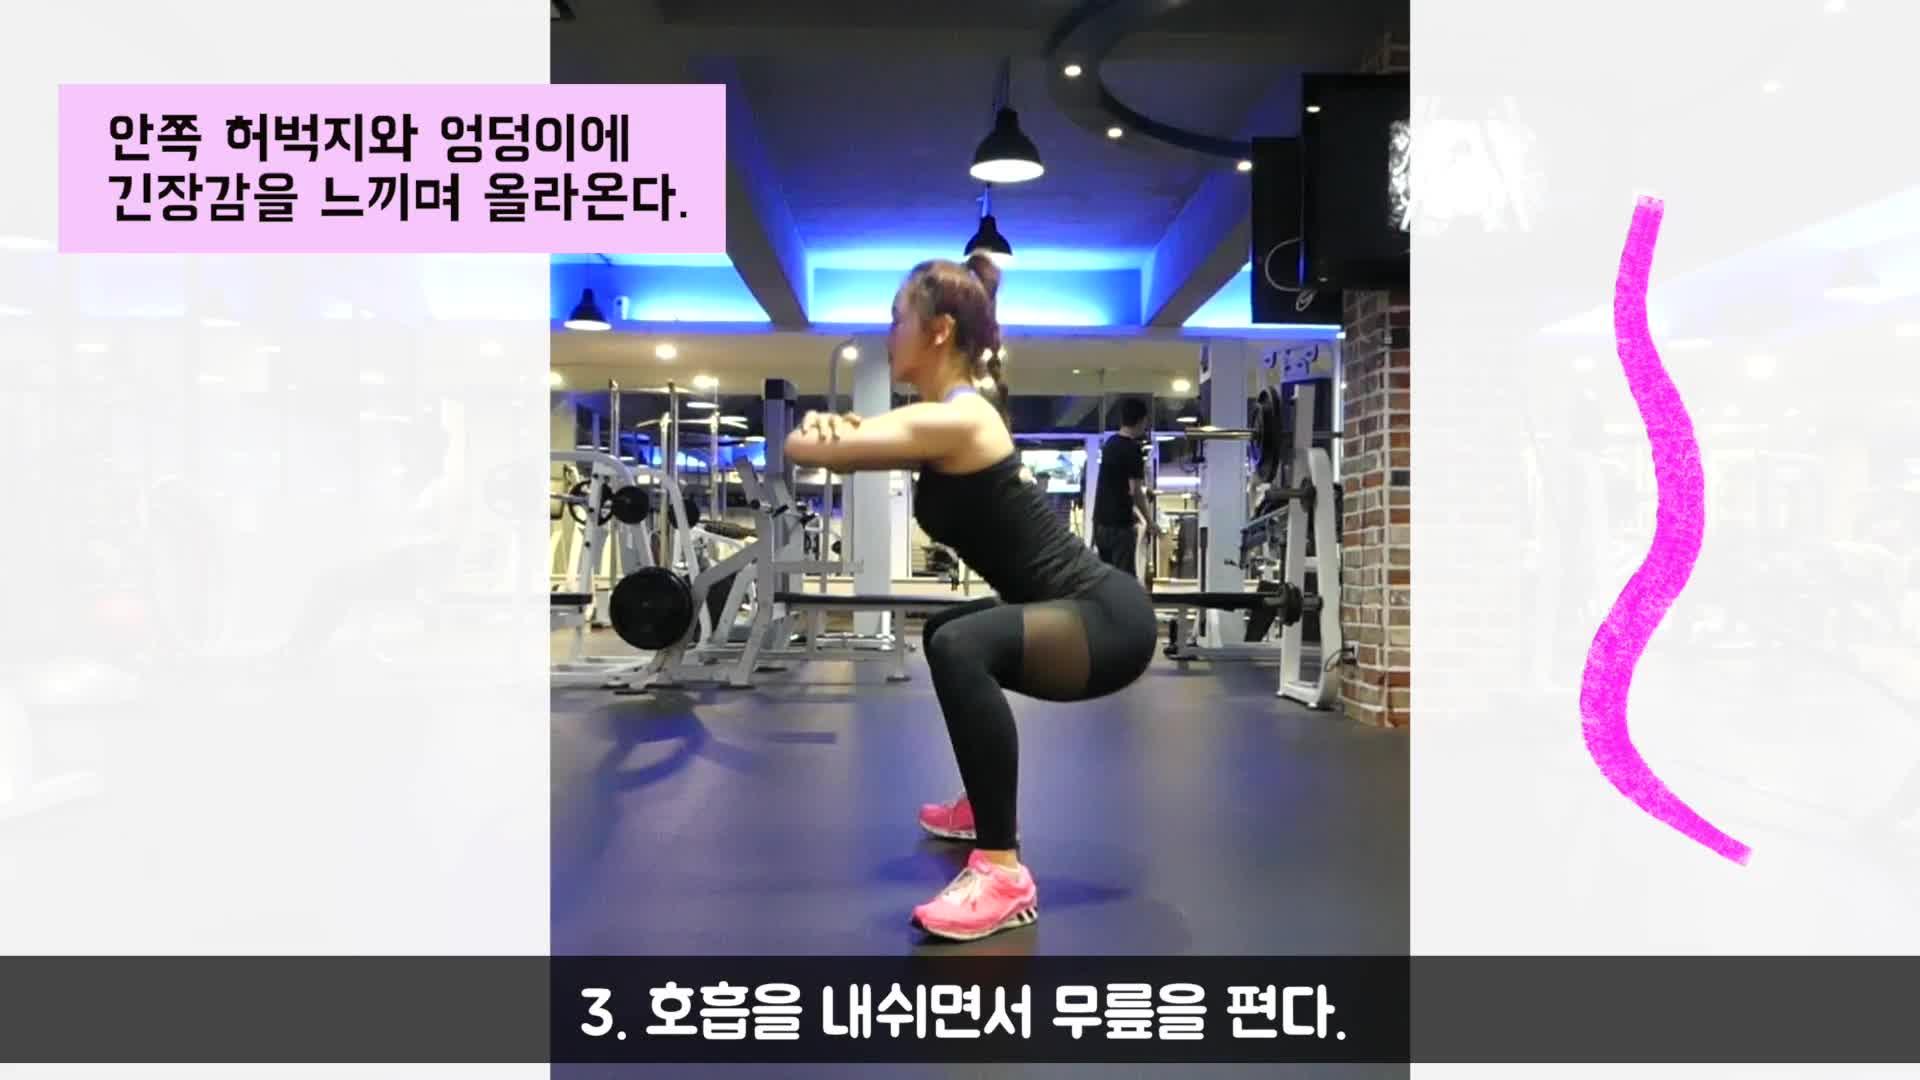 [1분] 힙업 운동 1편 / 엠마가 리얼 200% 효과본 엉짱되는 운동!